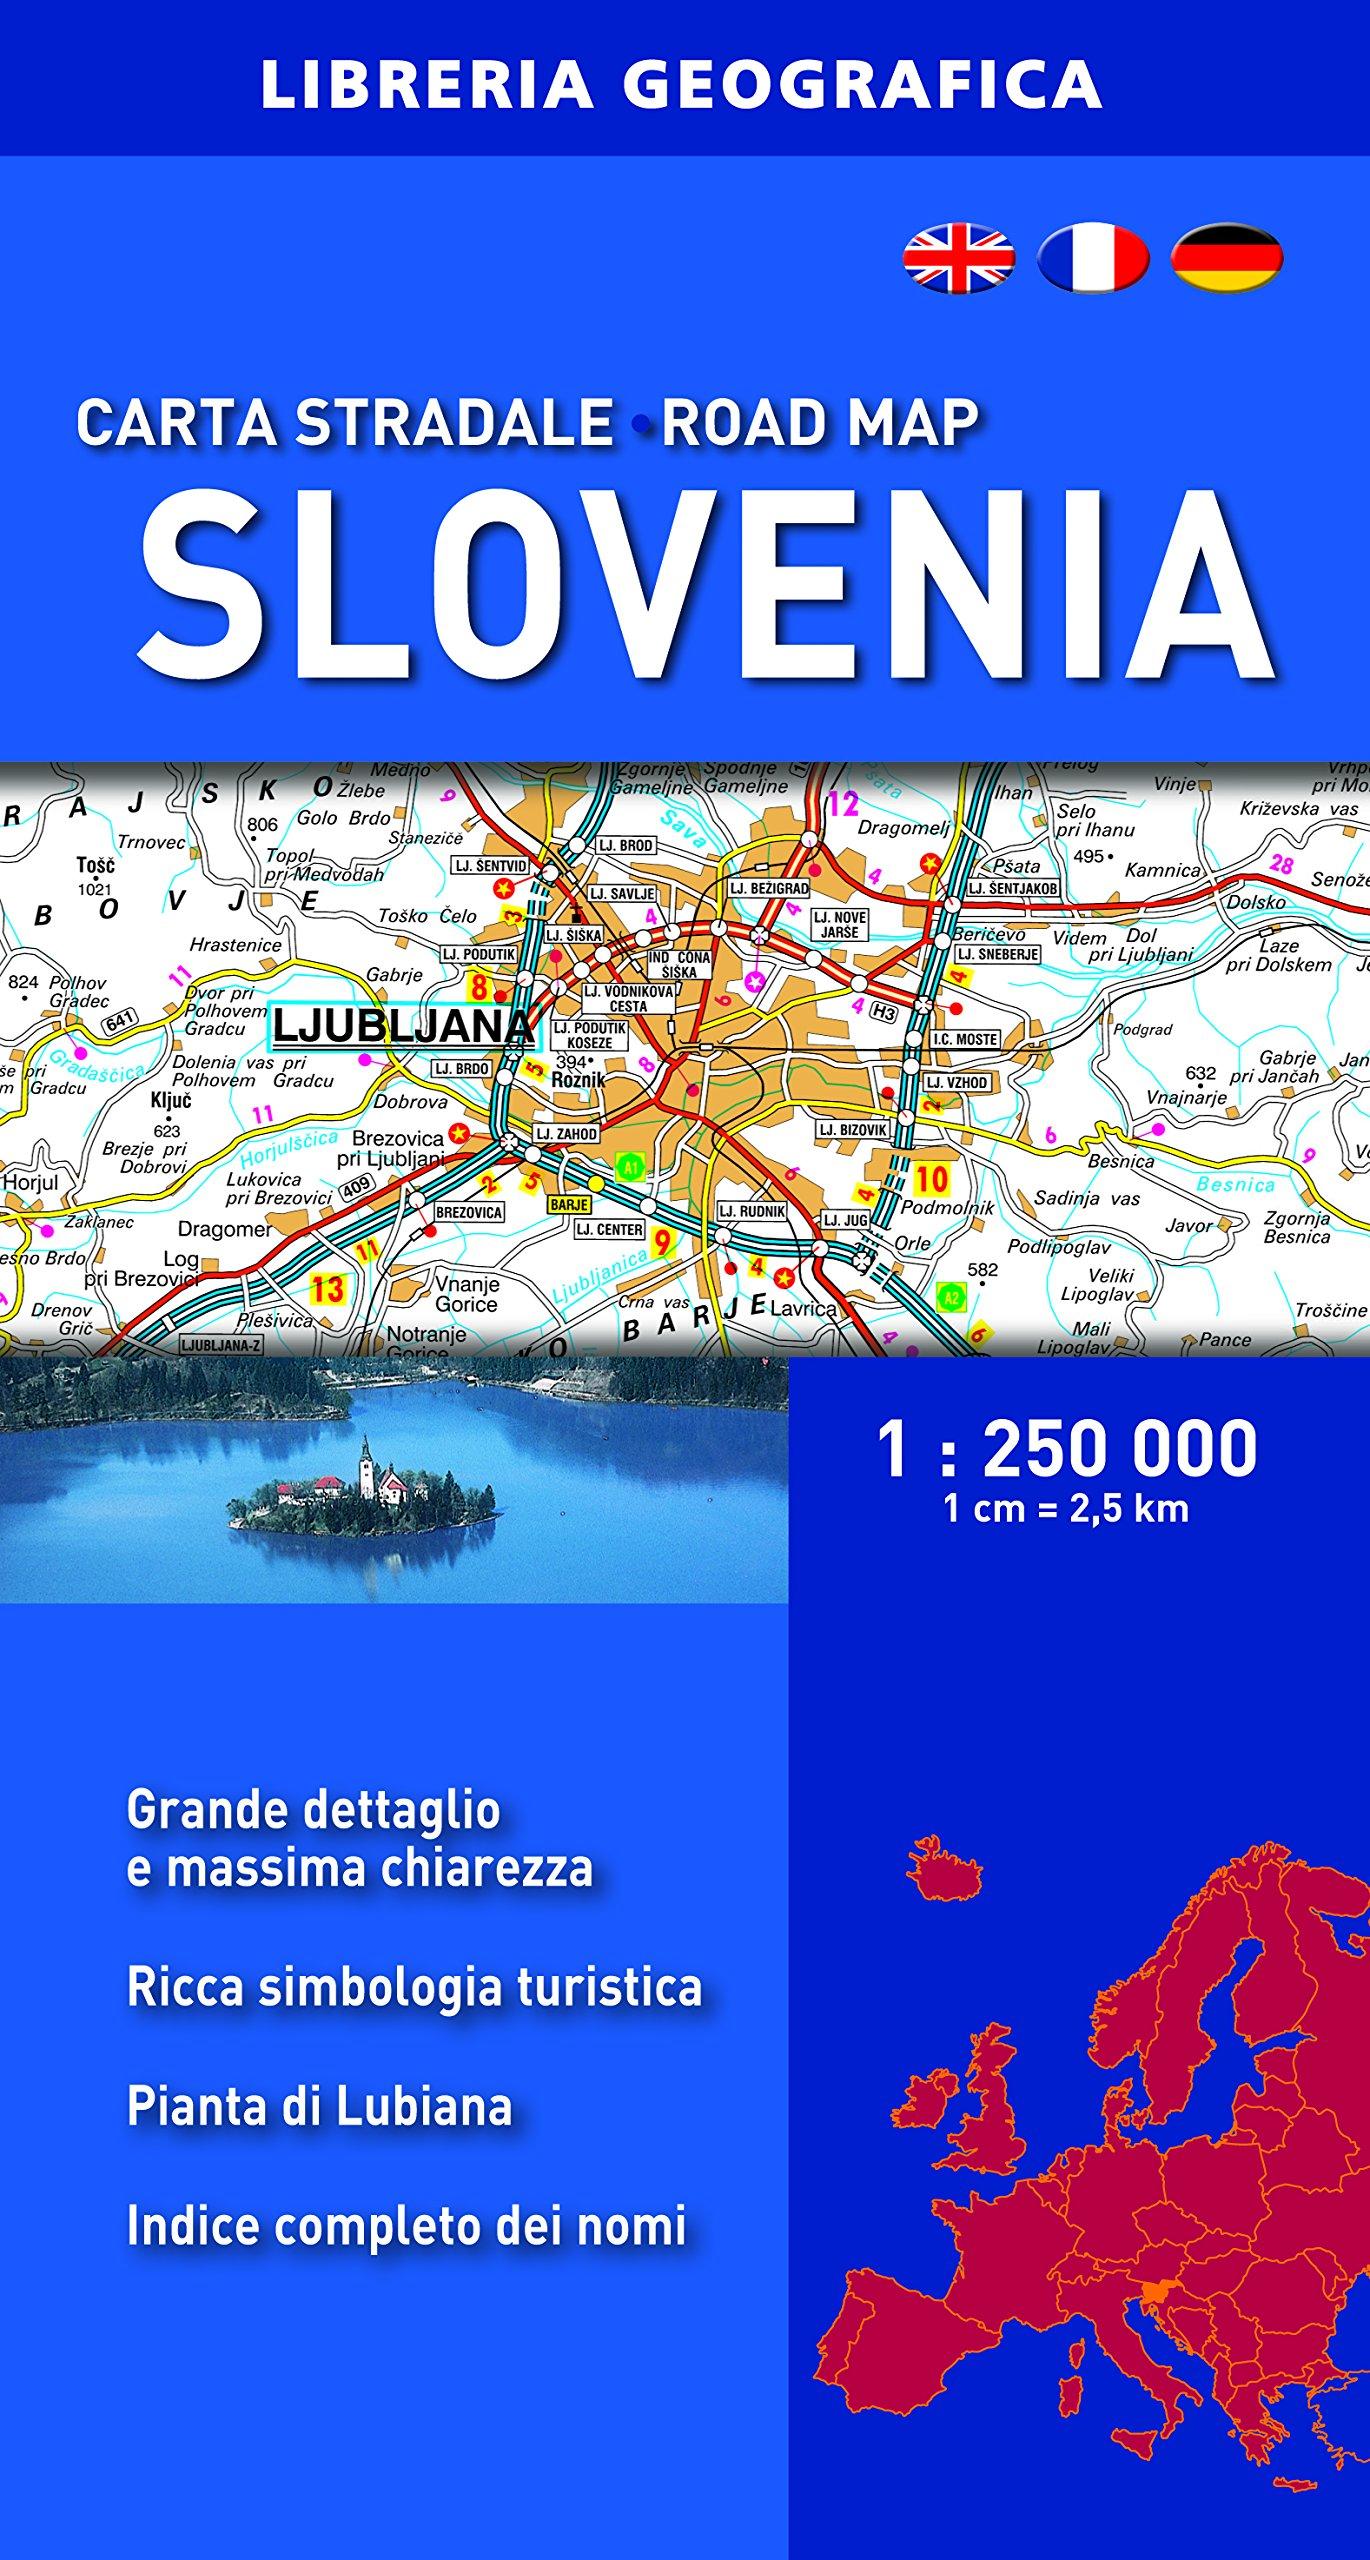 Cartina Stradale Slovenia.Amazon It Carta Stradale Della Slovenia 1 250 000 Aa Vv Libri